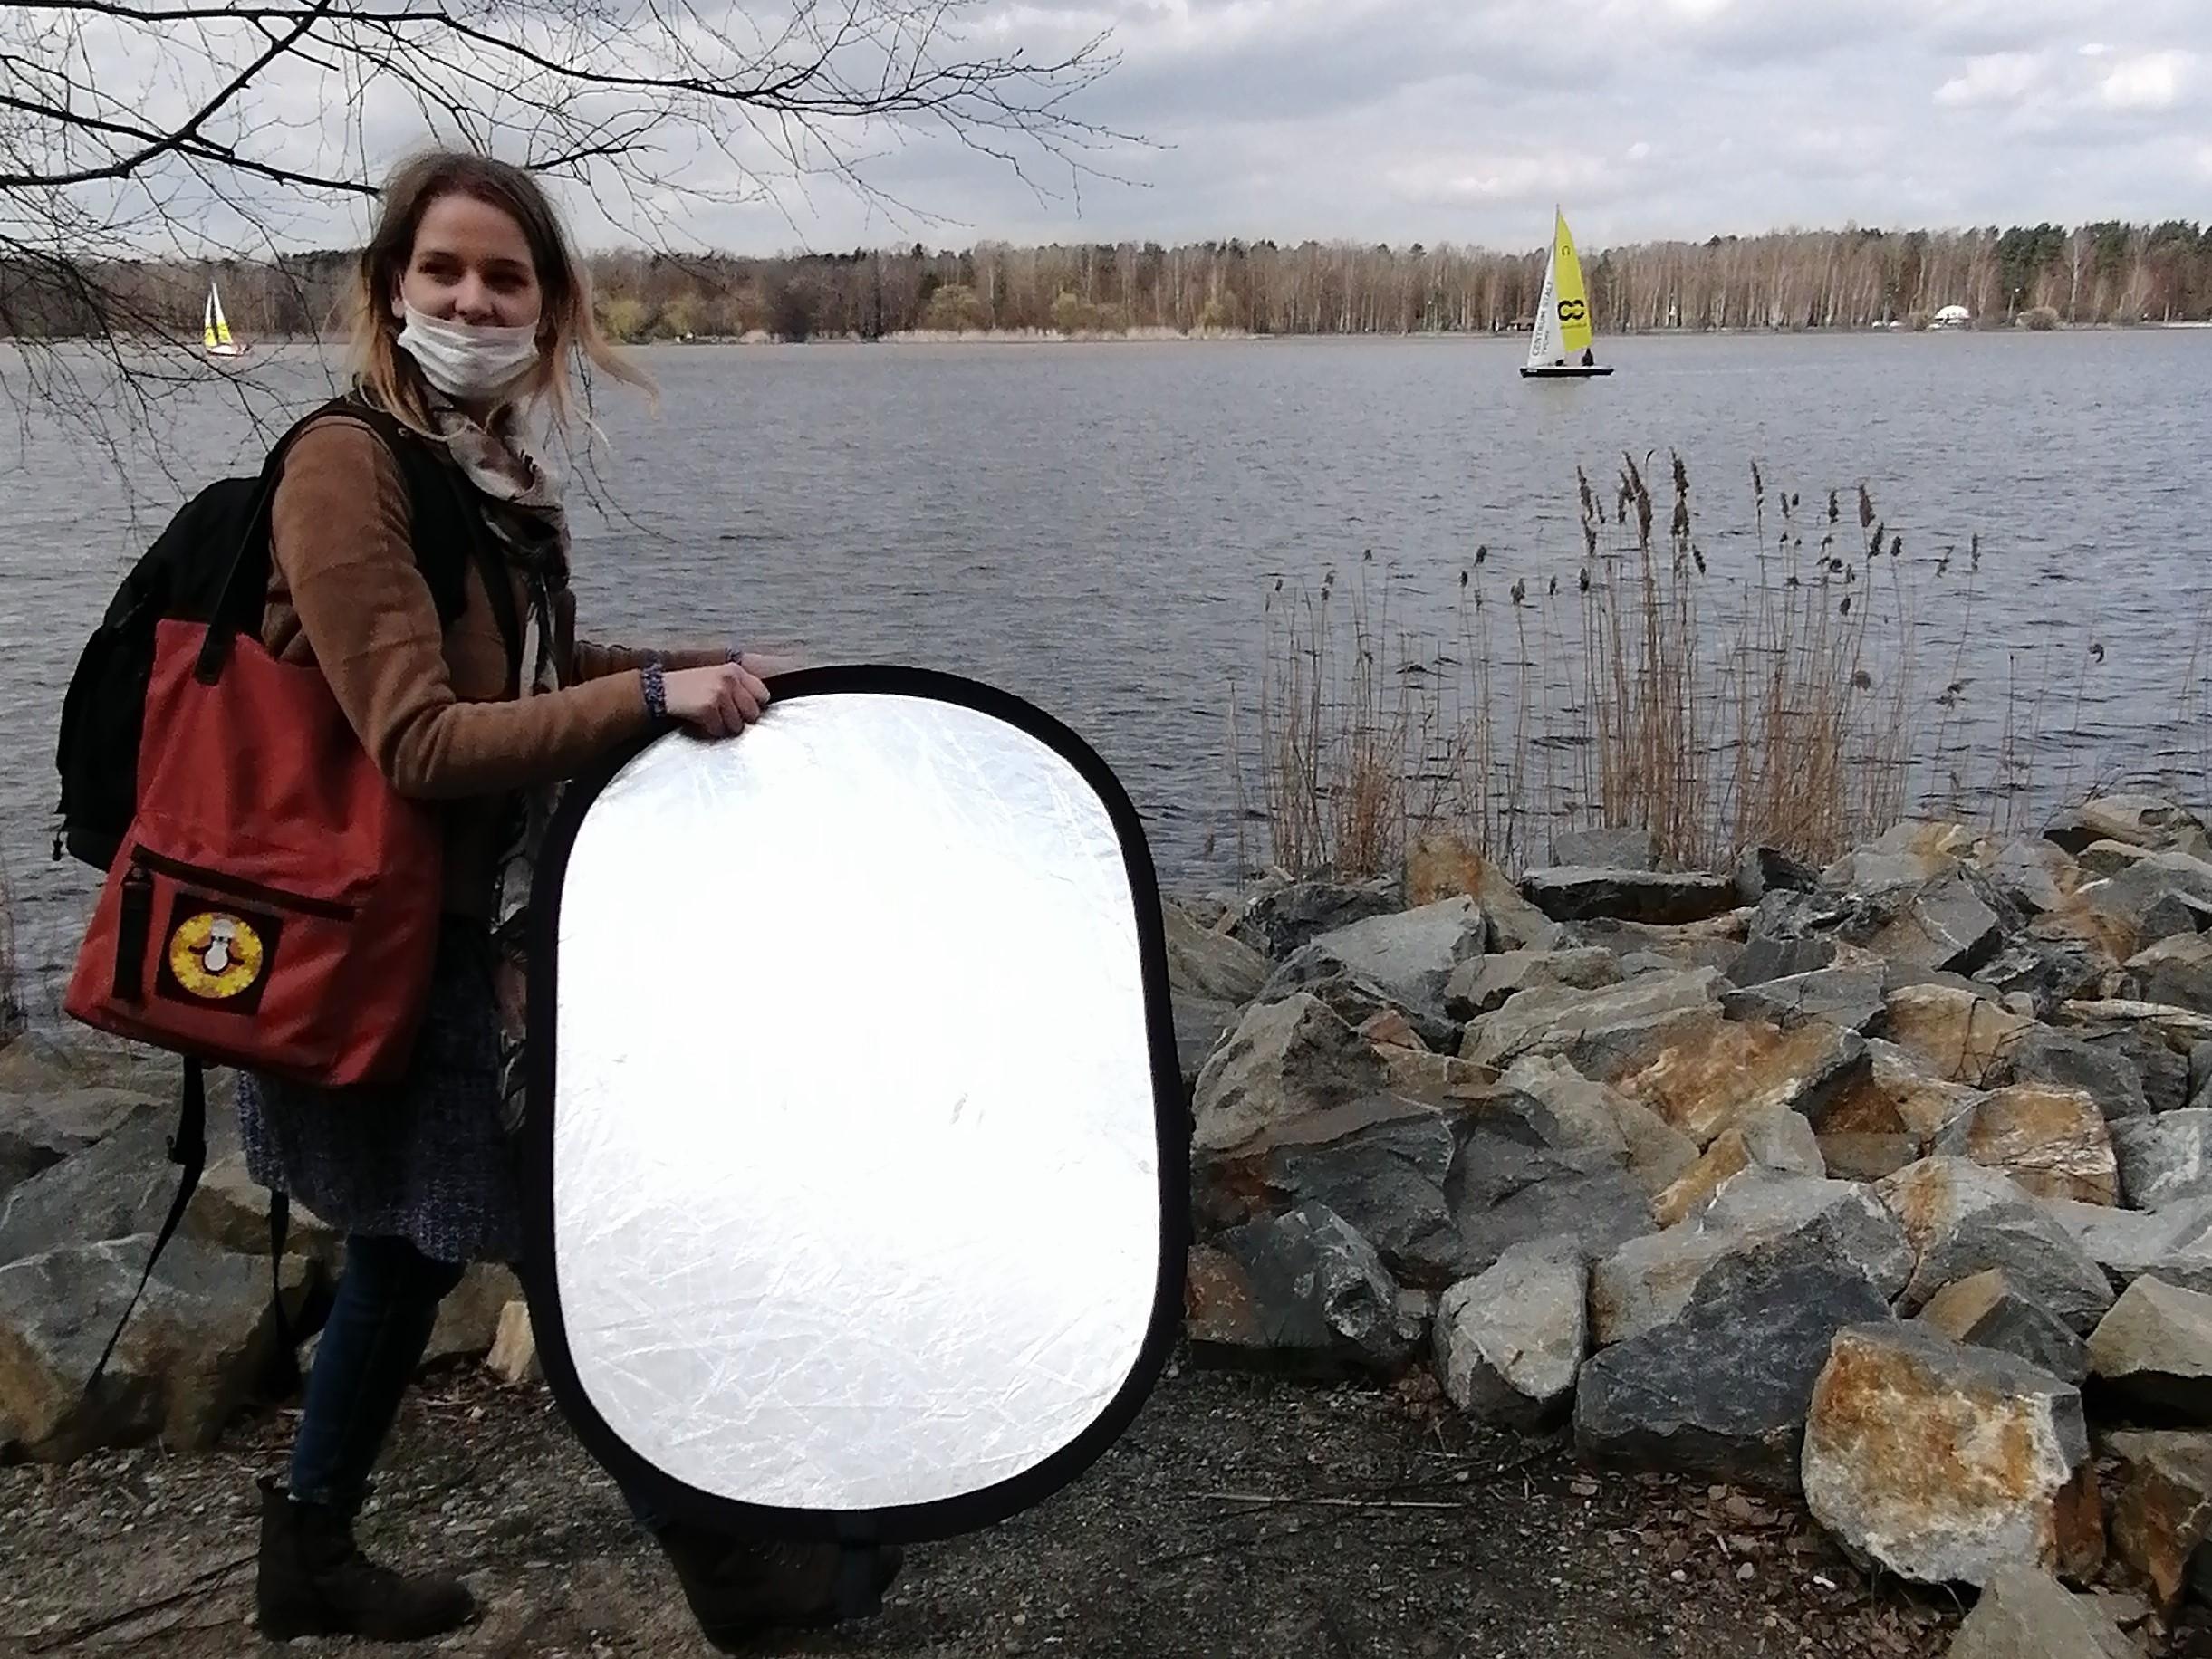 Plenerowe warsztaty fotograficzne Klub Seniora Platyna- instruktorka z blendą fotograficzną, w tle Jezioro Paprocany i żaglówka